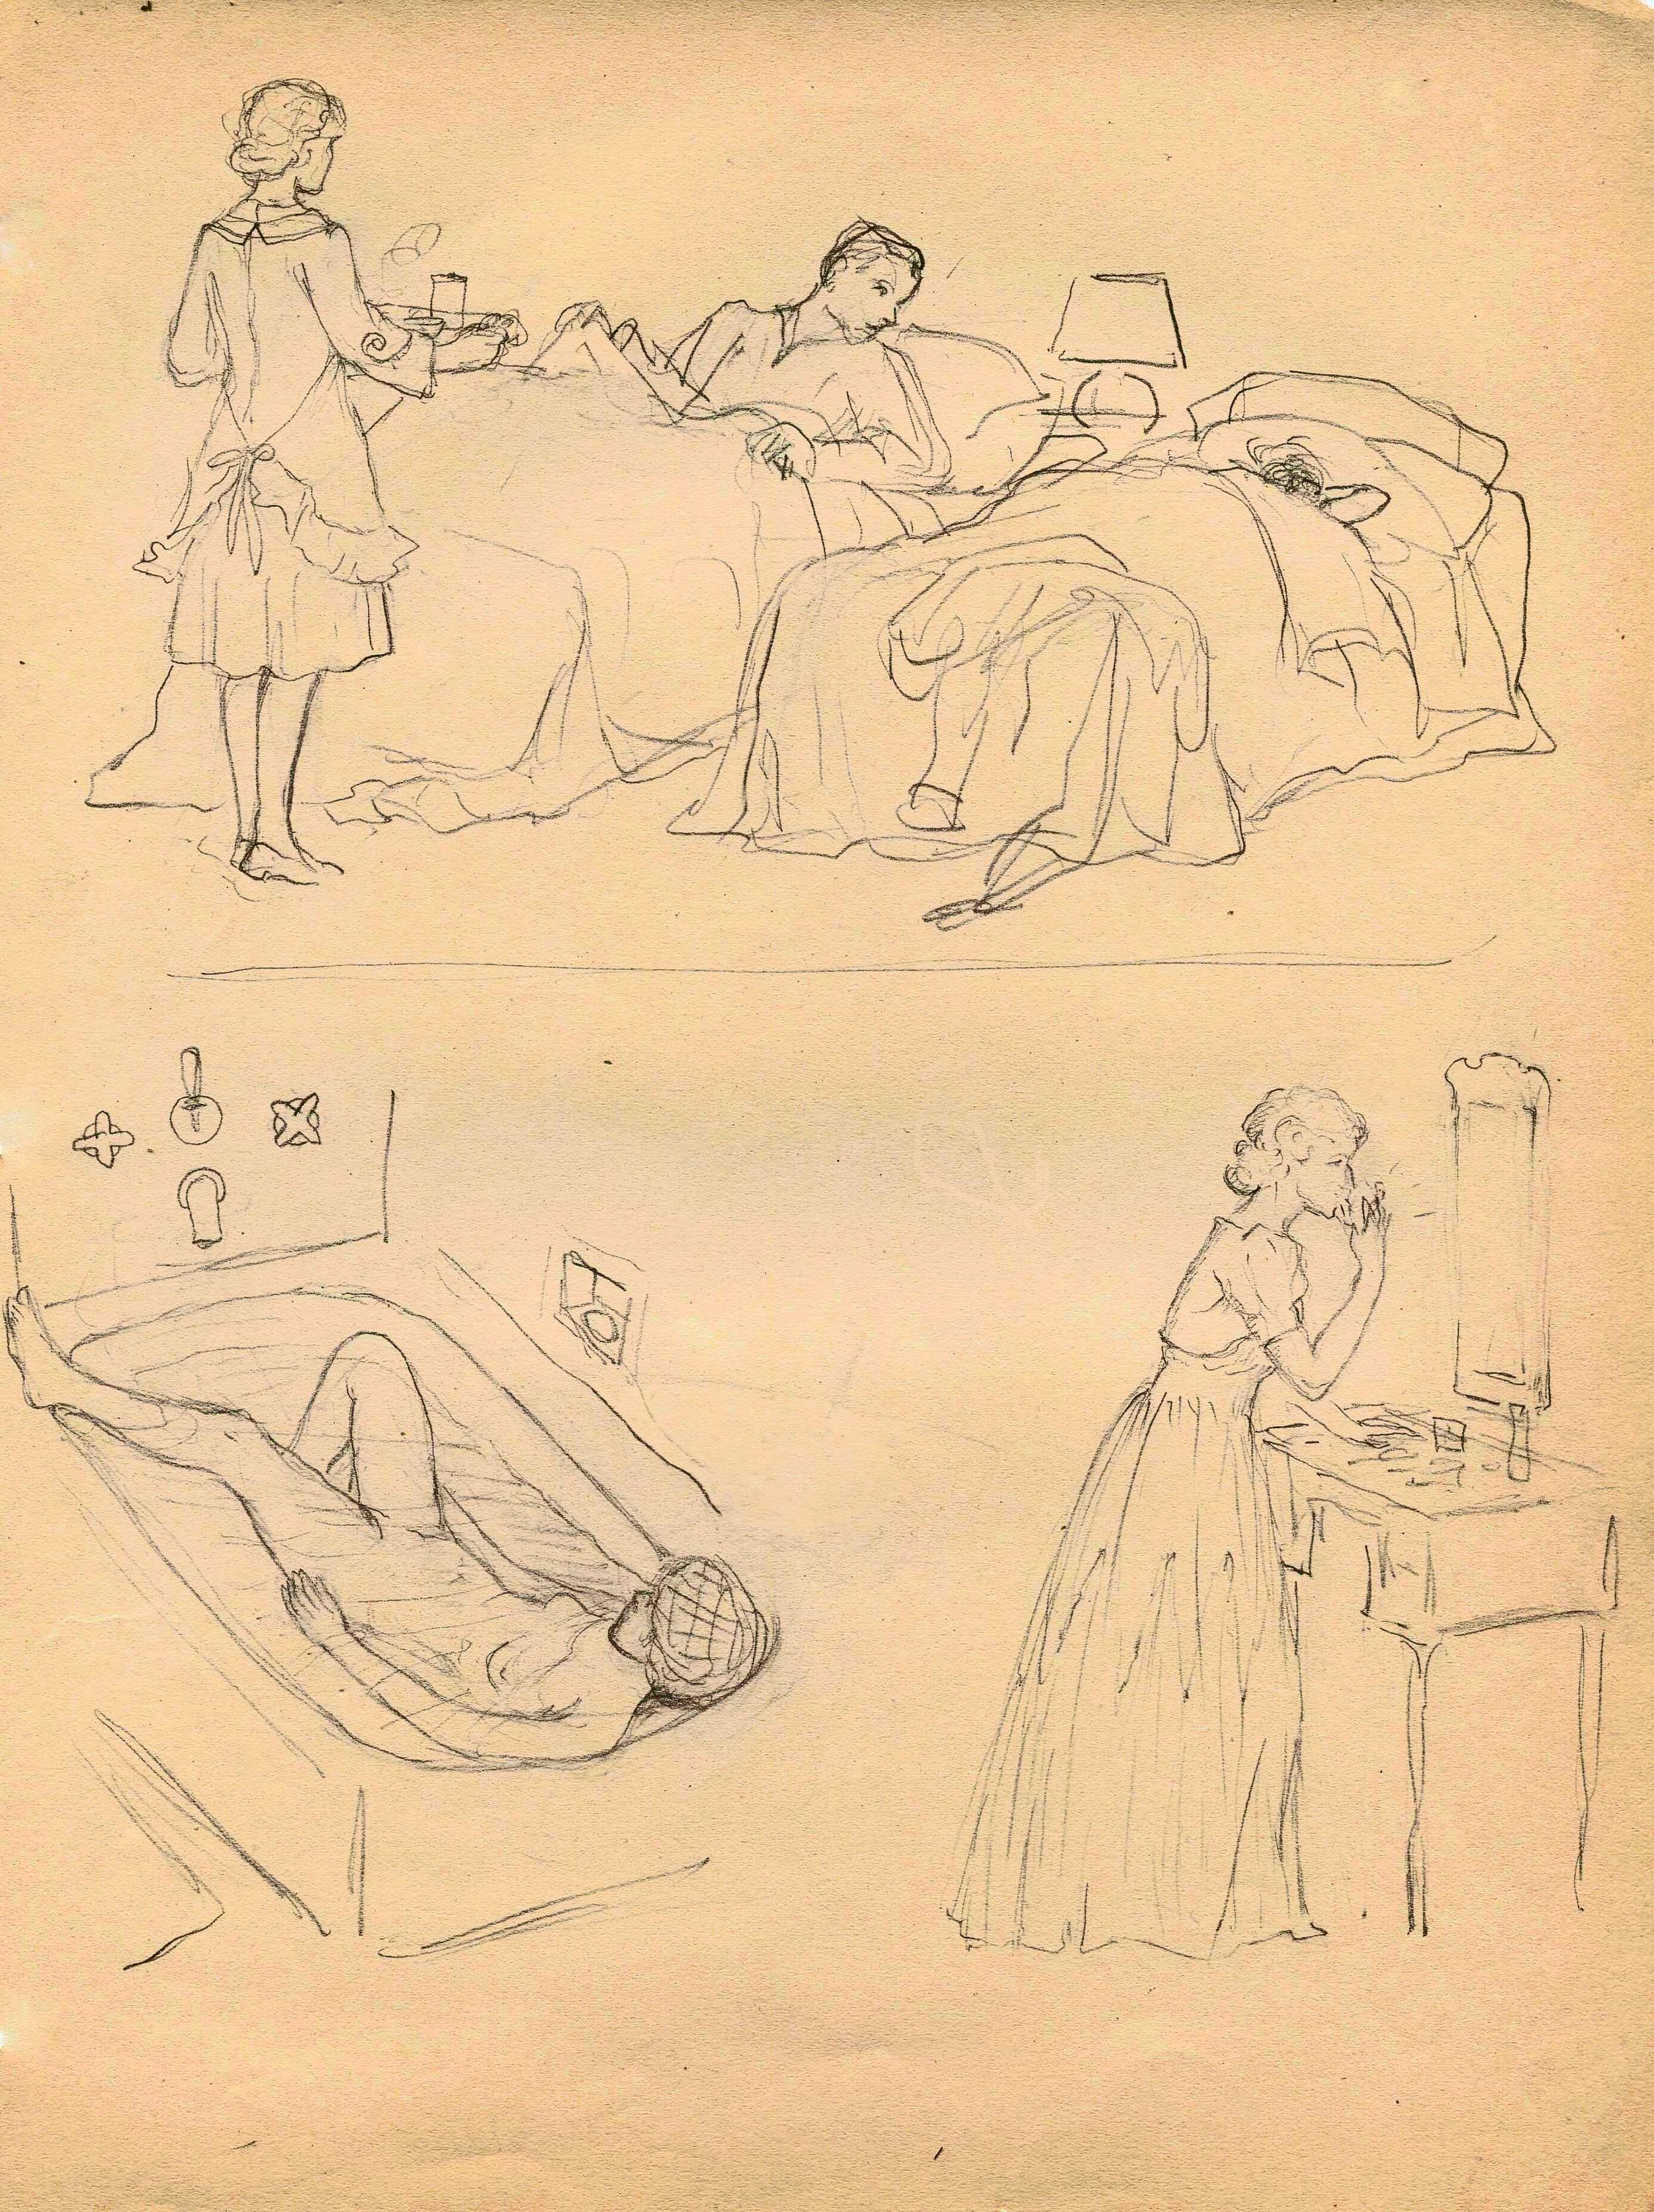 MSB, Cartoon Series (San Carlos Hotel, NY, 1941.